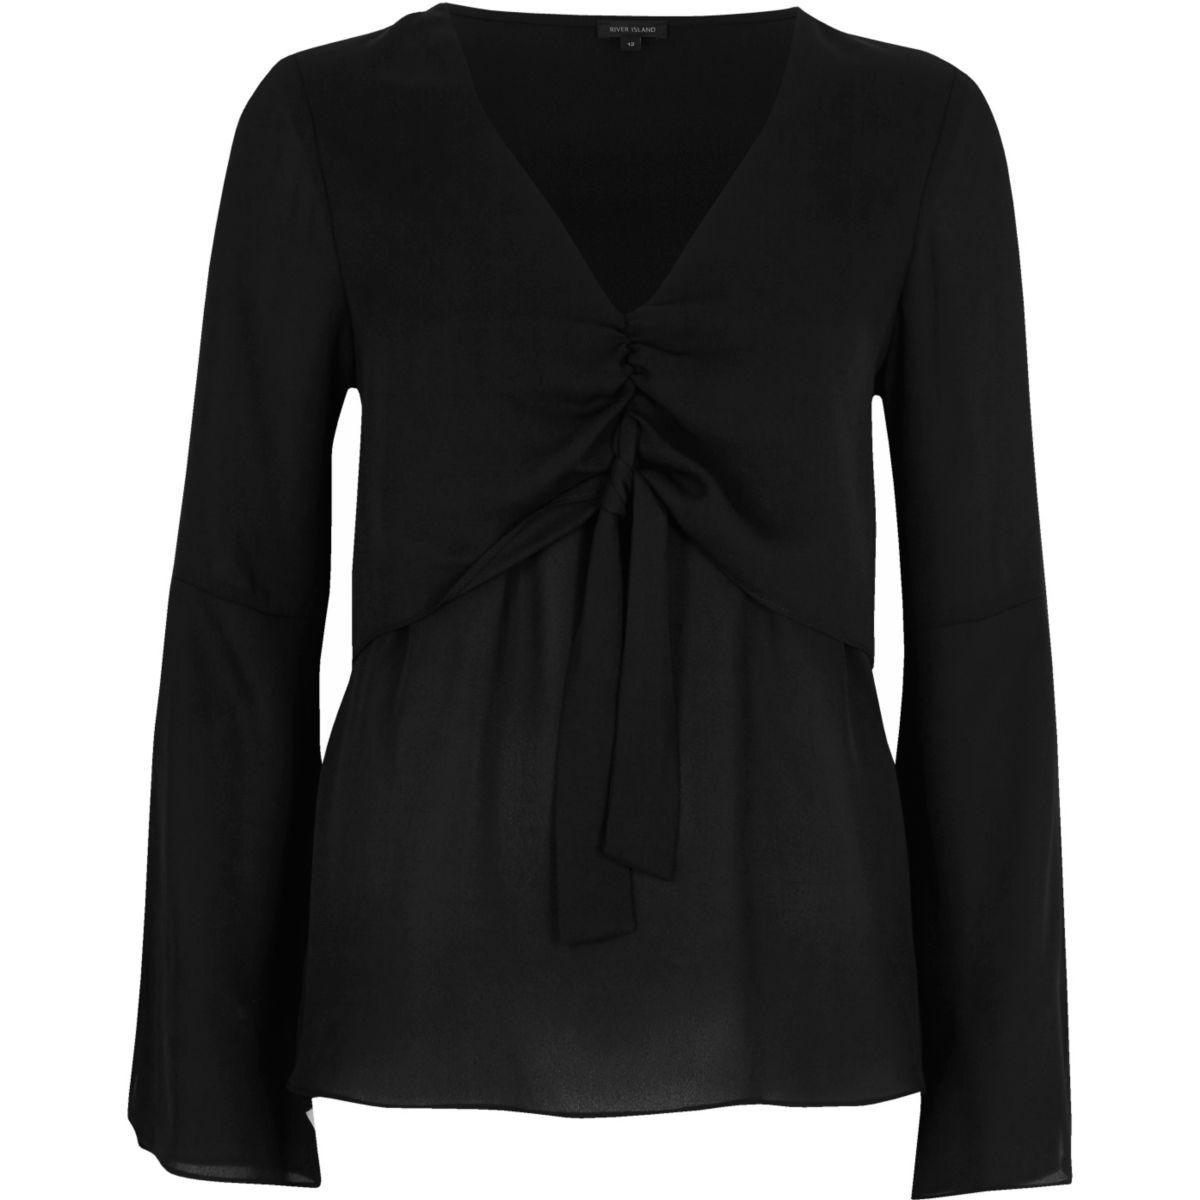 Schwarze Bluse zum Binden